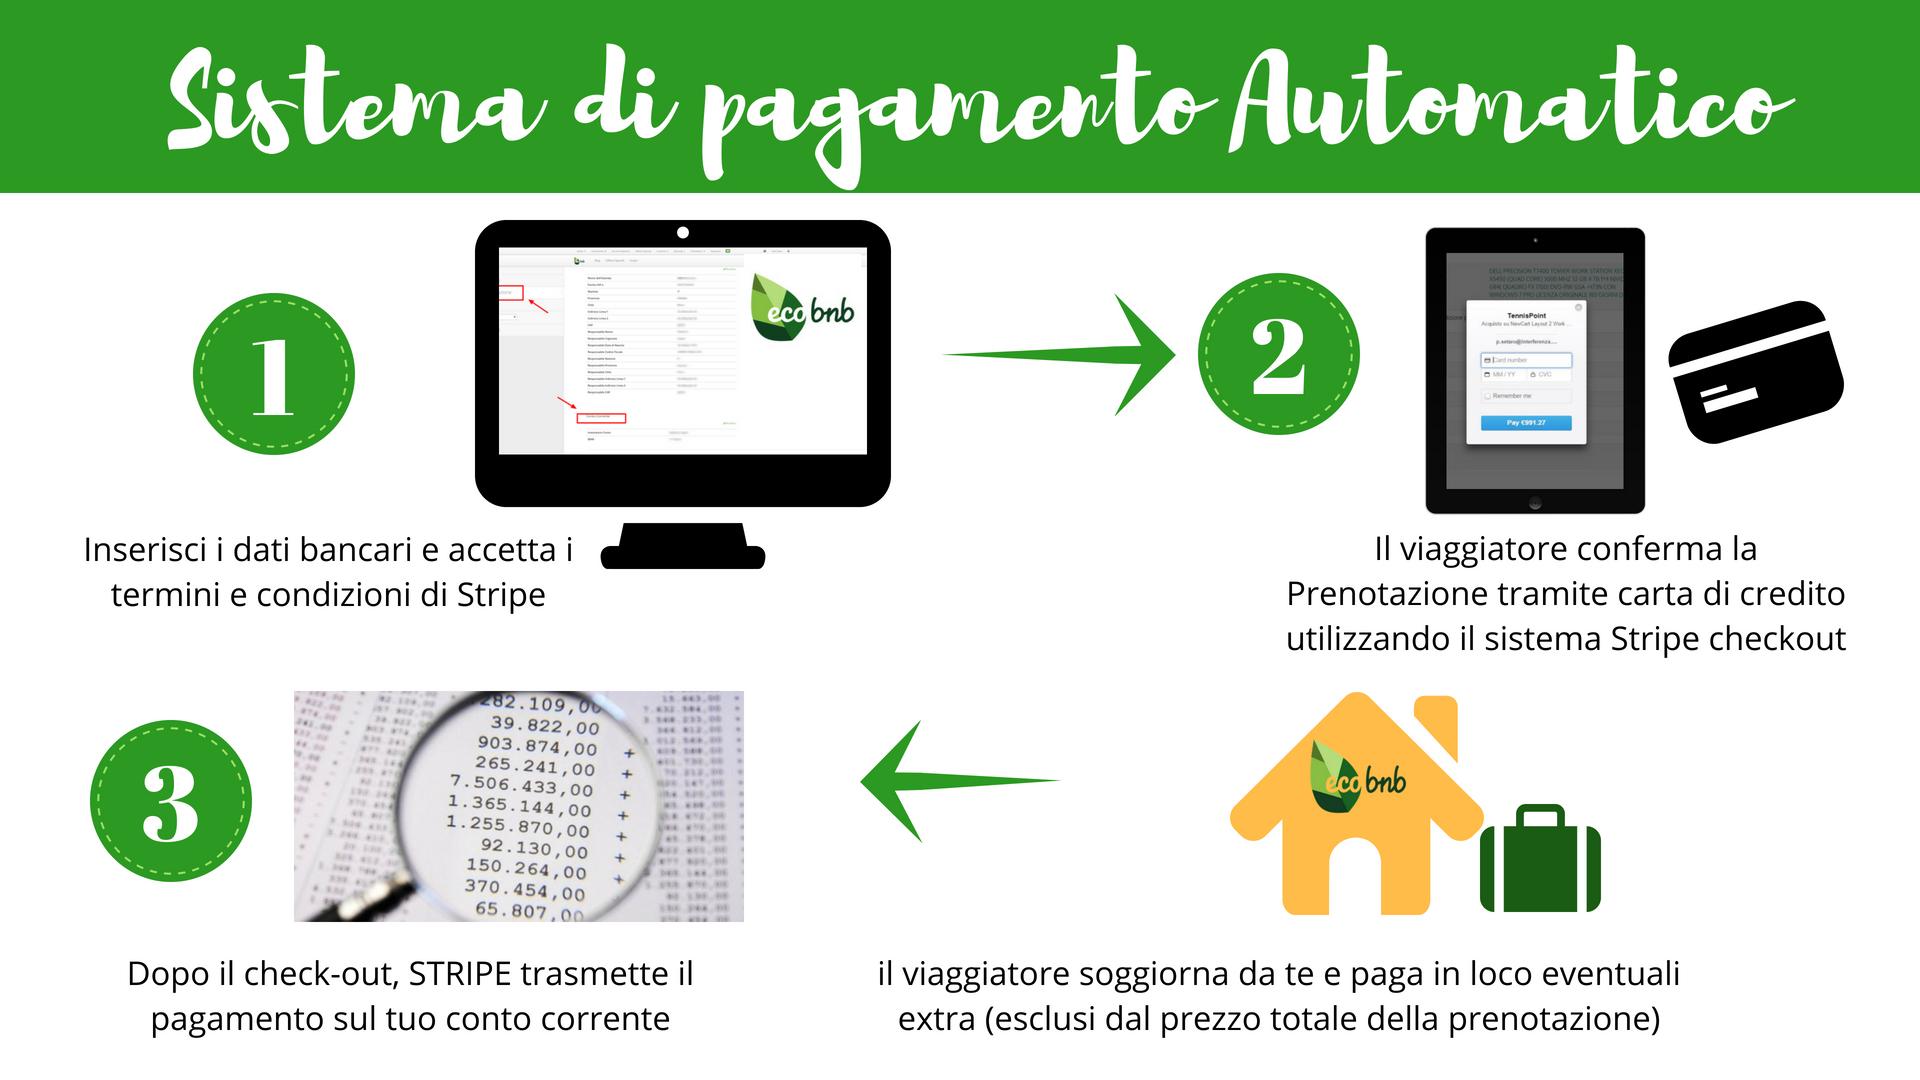 Come avvengono i pagamenti automatici su Ecobnb, se la tua struttura ricettiva ha la possibilità di usufruire del servizio (in Italia il servizio Stripe Checkout è riservato solo a chi ha Partita IVA).